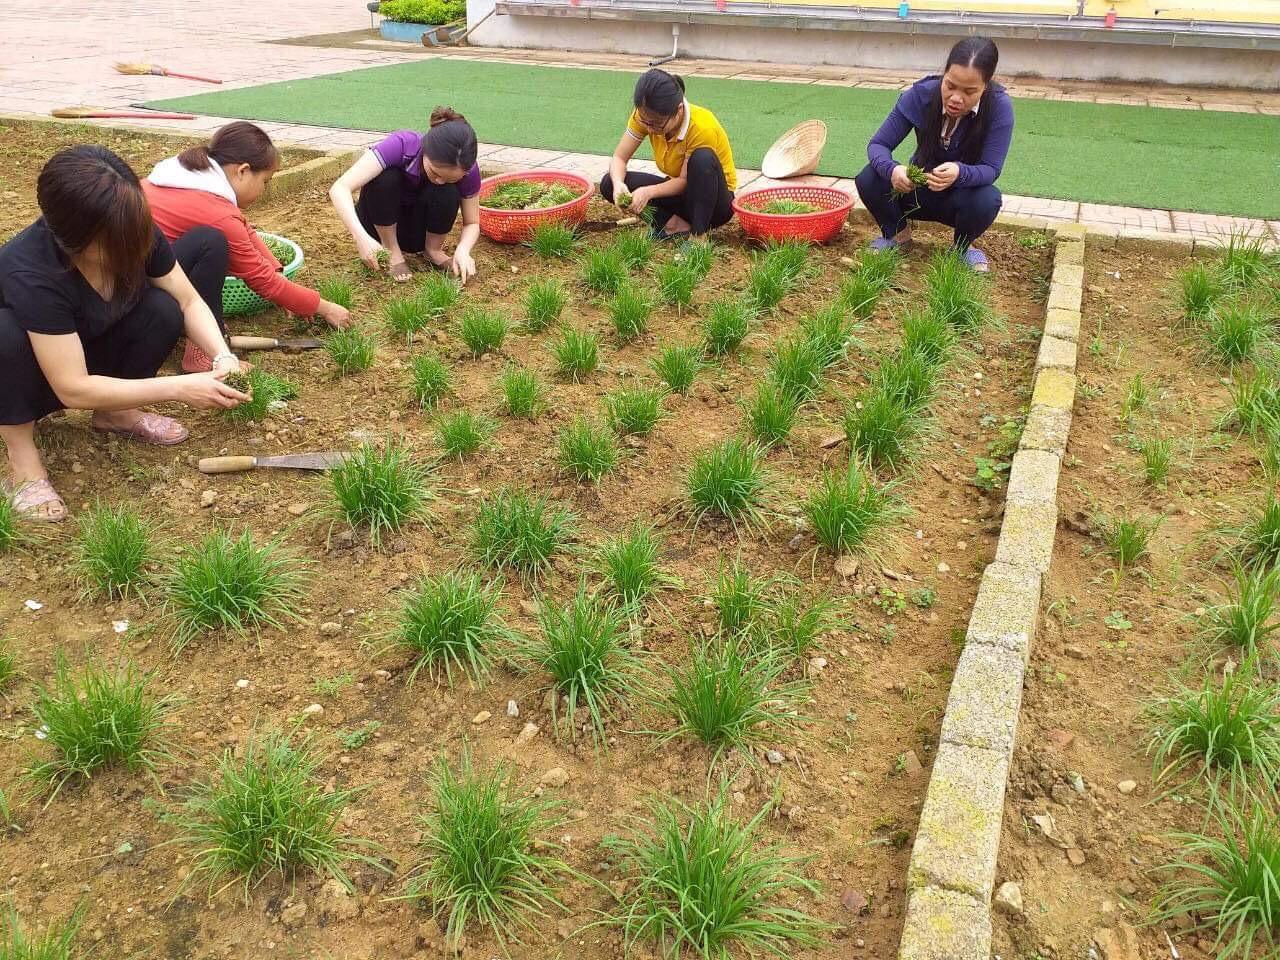 Hơn 350 kg rau, củ quả, thực phẩm quyên góp, hỗ trợ phục vụ công dân tại khu cách ly tập trung huyện